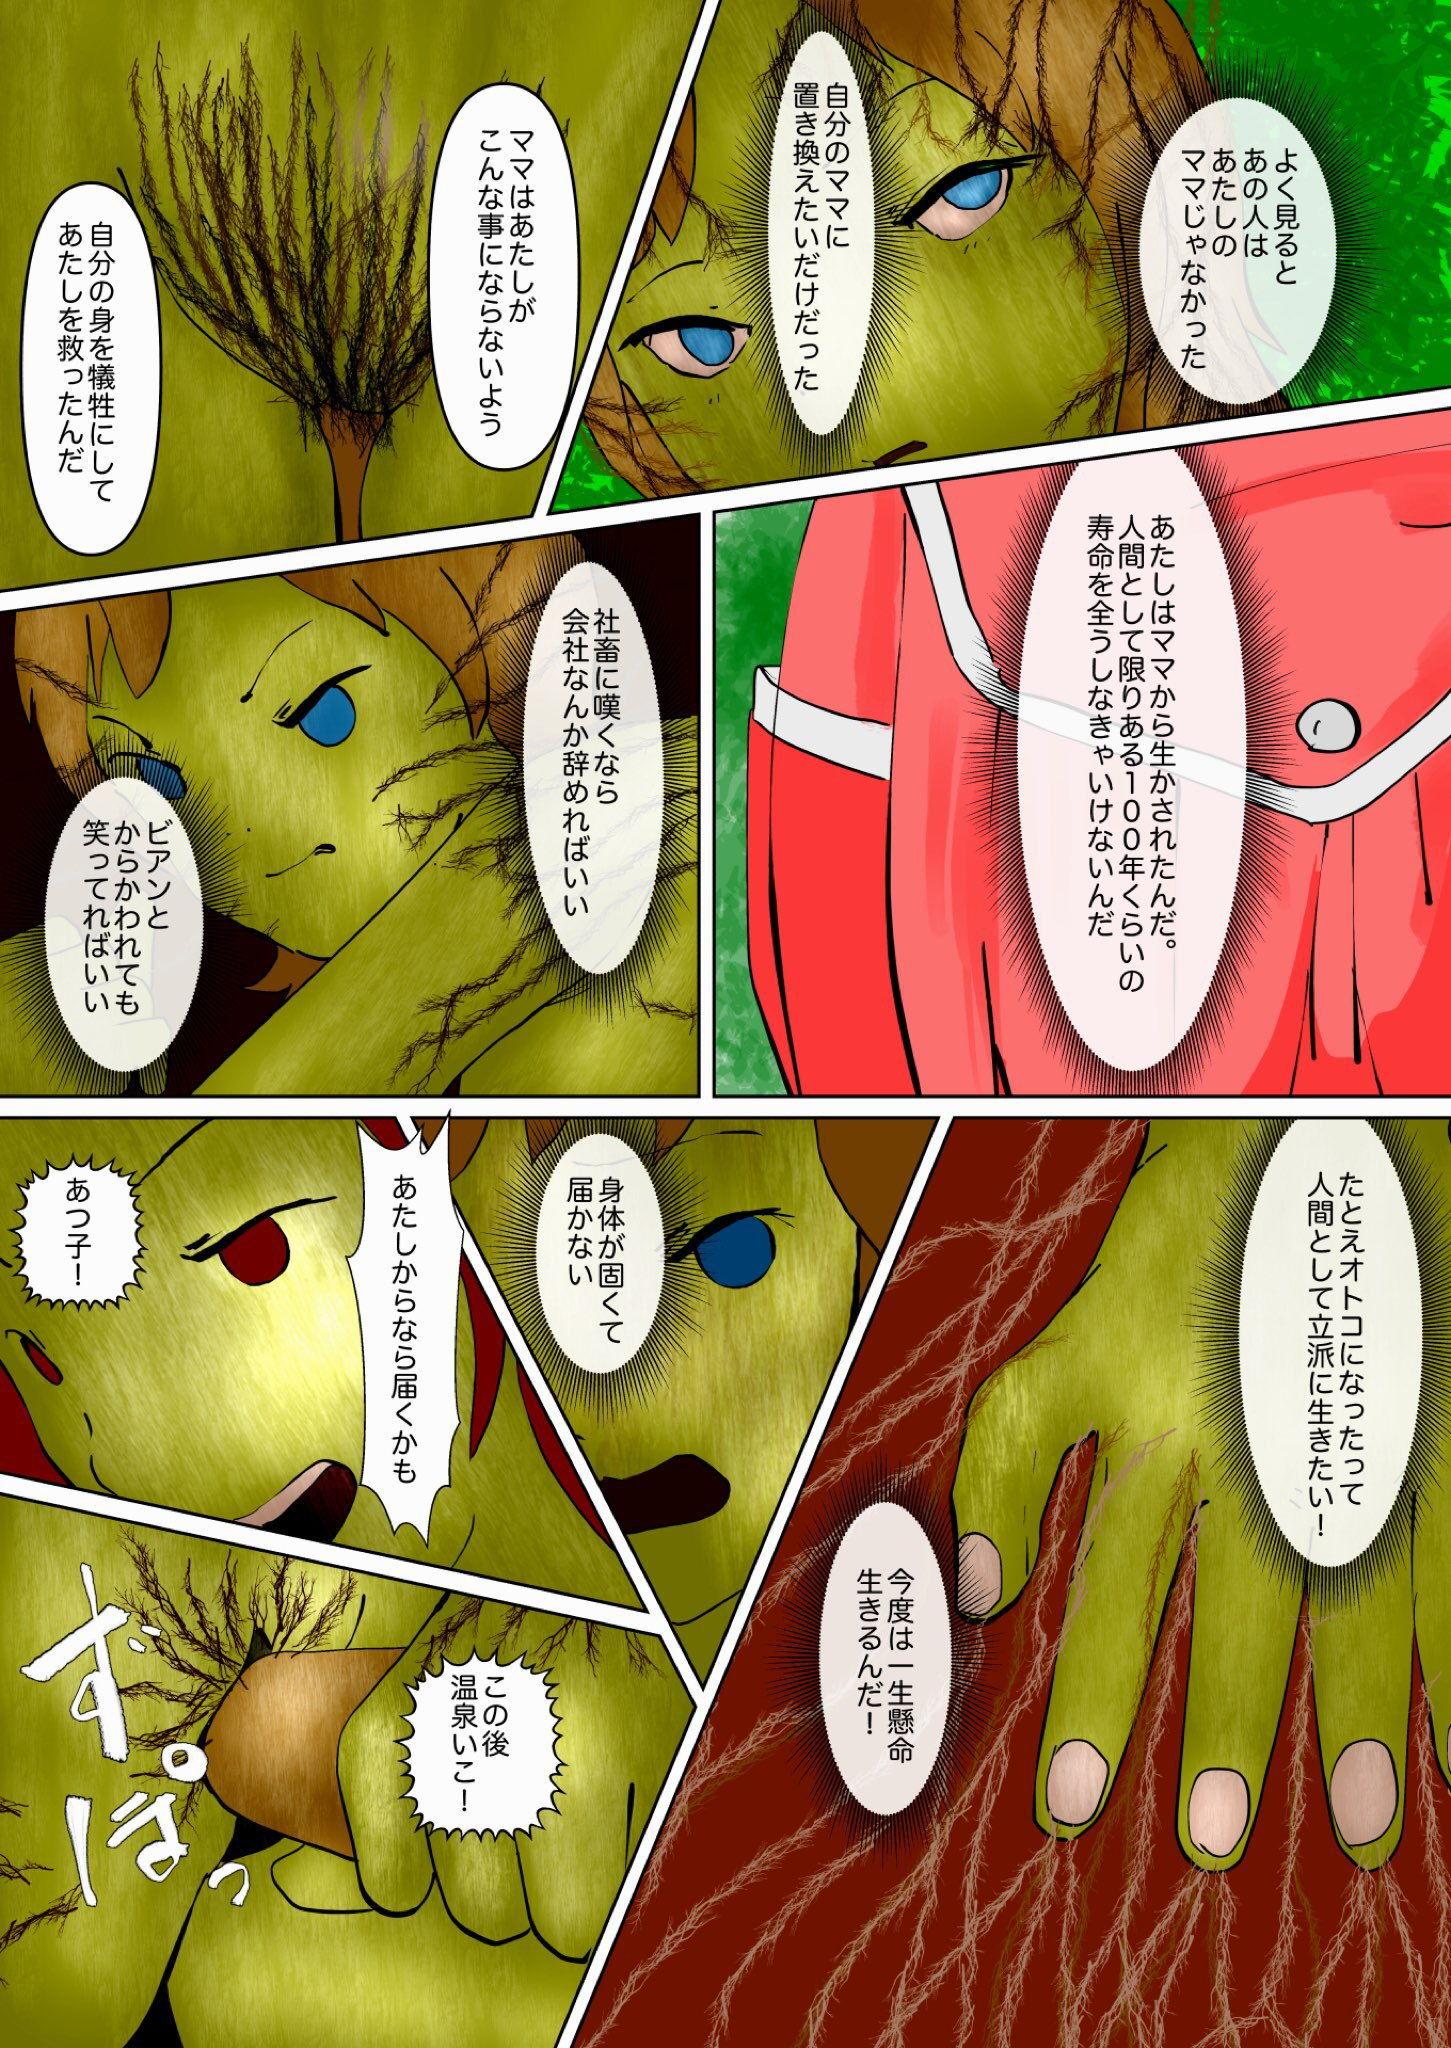 女人木伝説